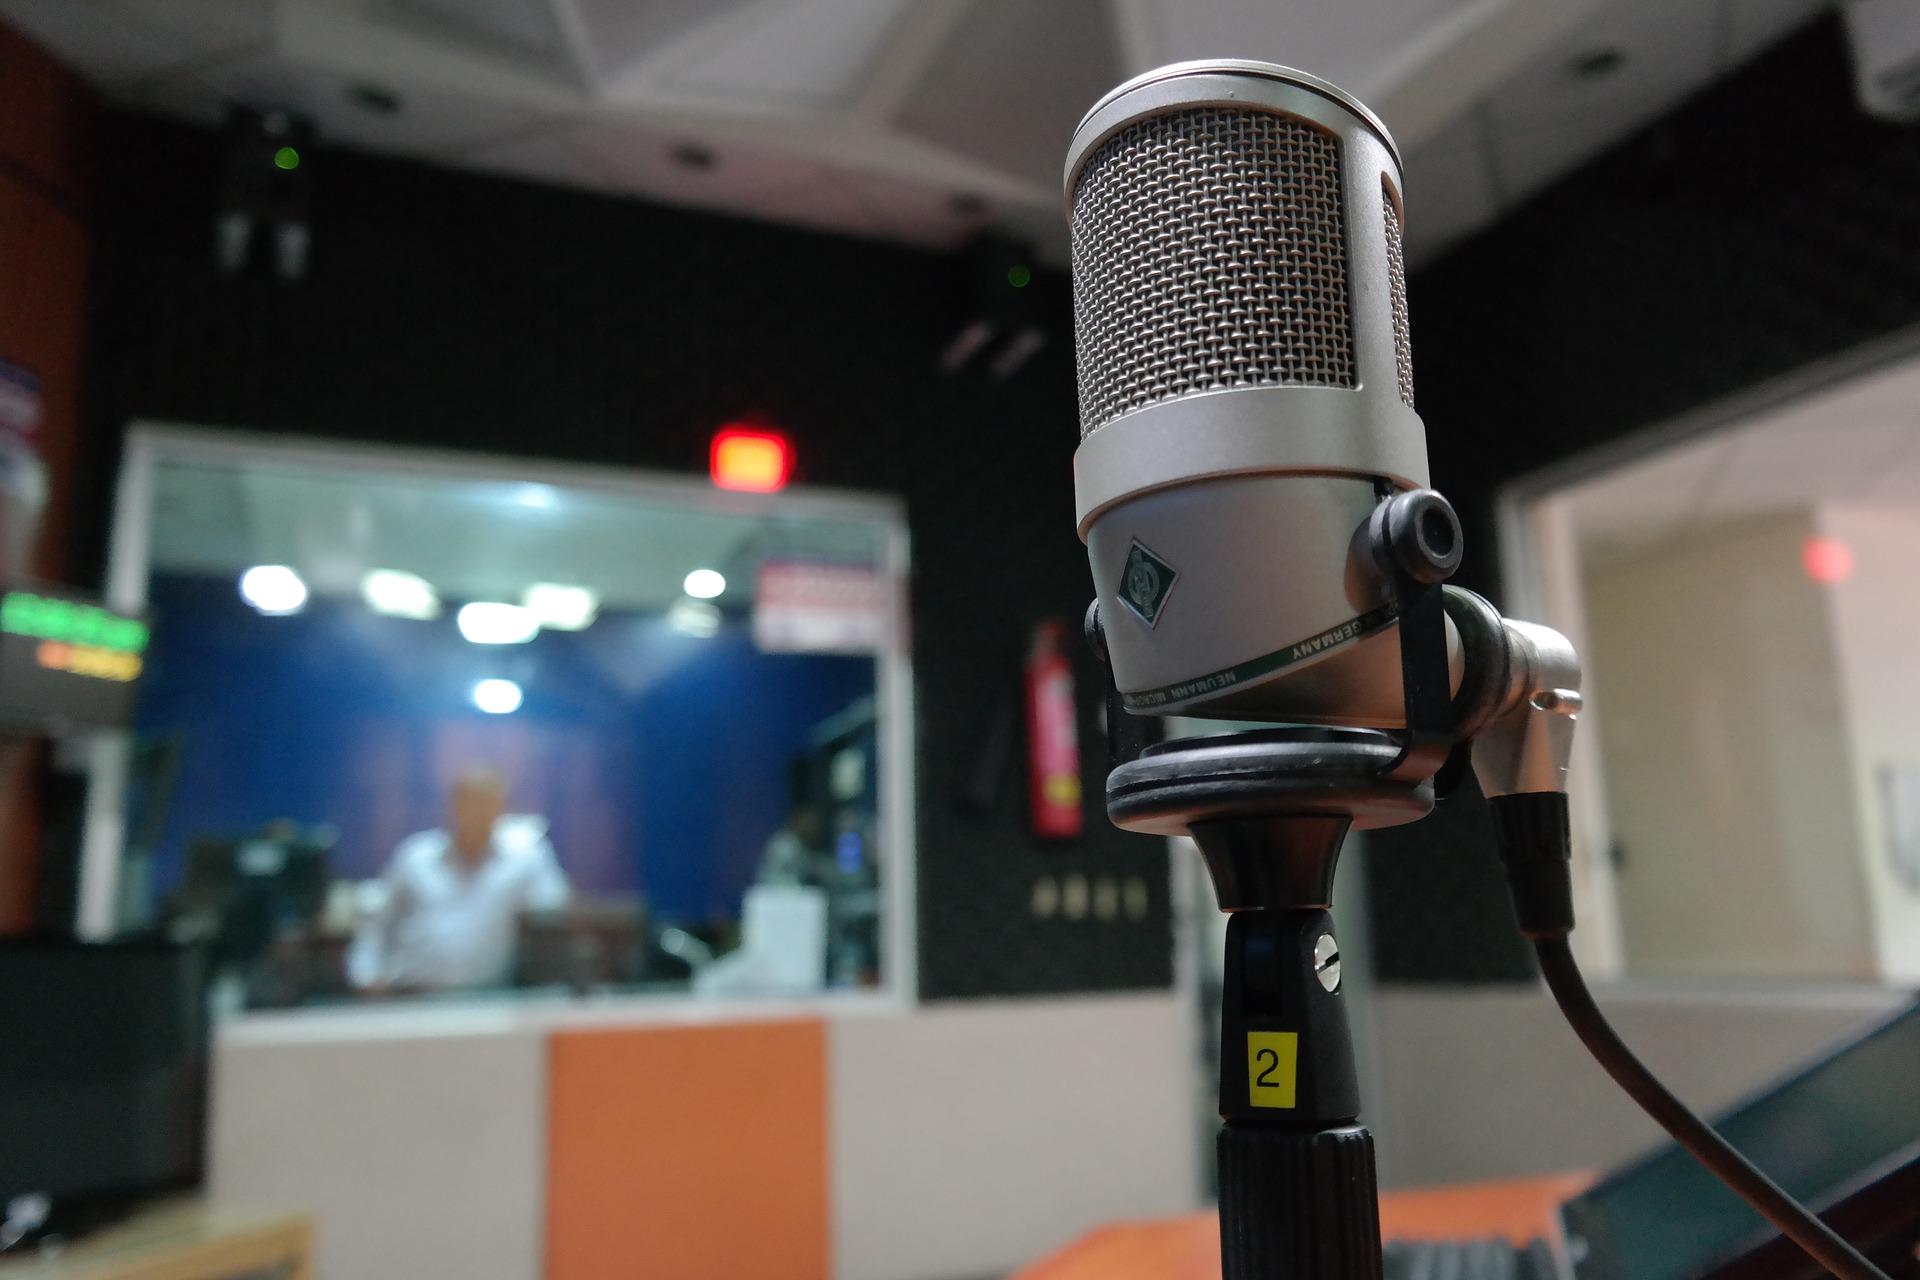 🔥 Ульяна Фещук спасла просроченные лицензии «Радиогруппы УМХ»